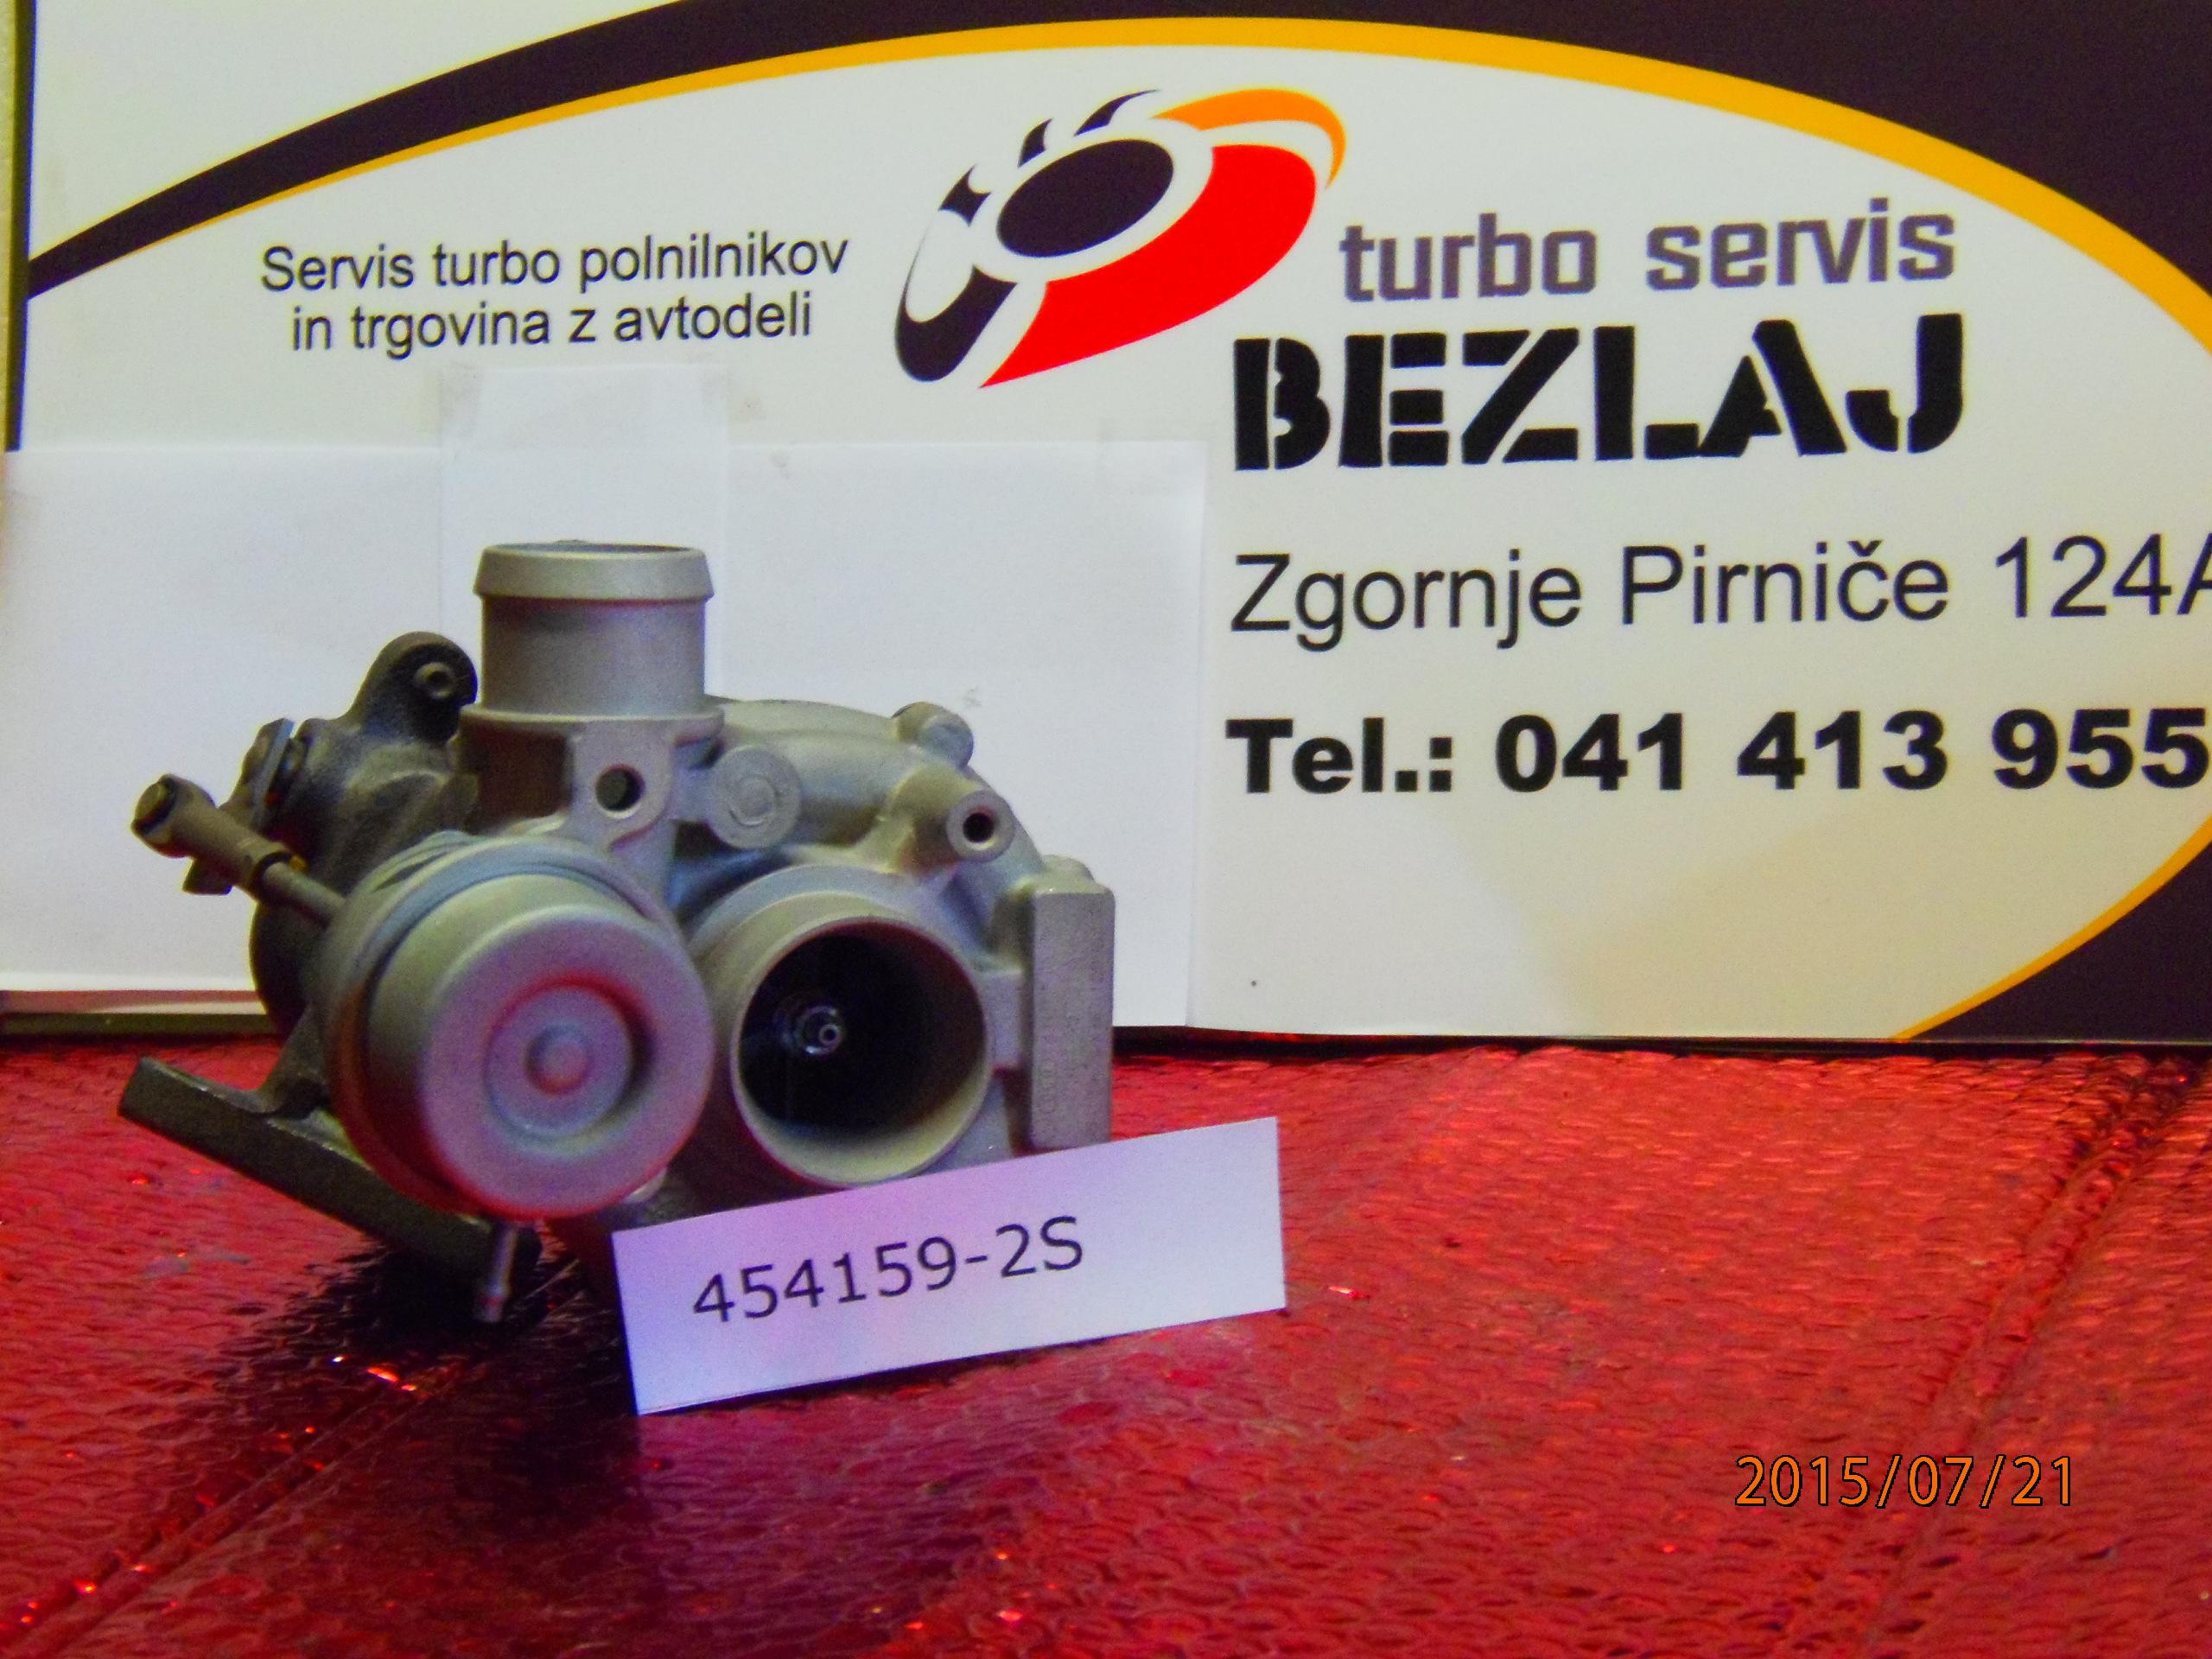 turbo454159-2s (2)